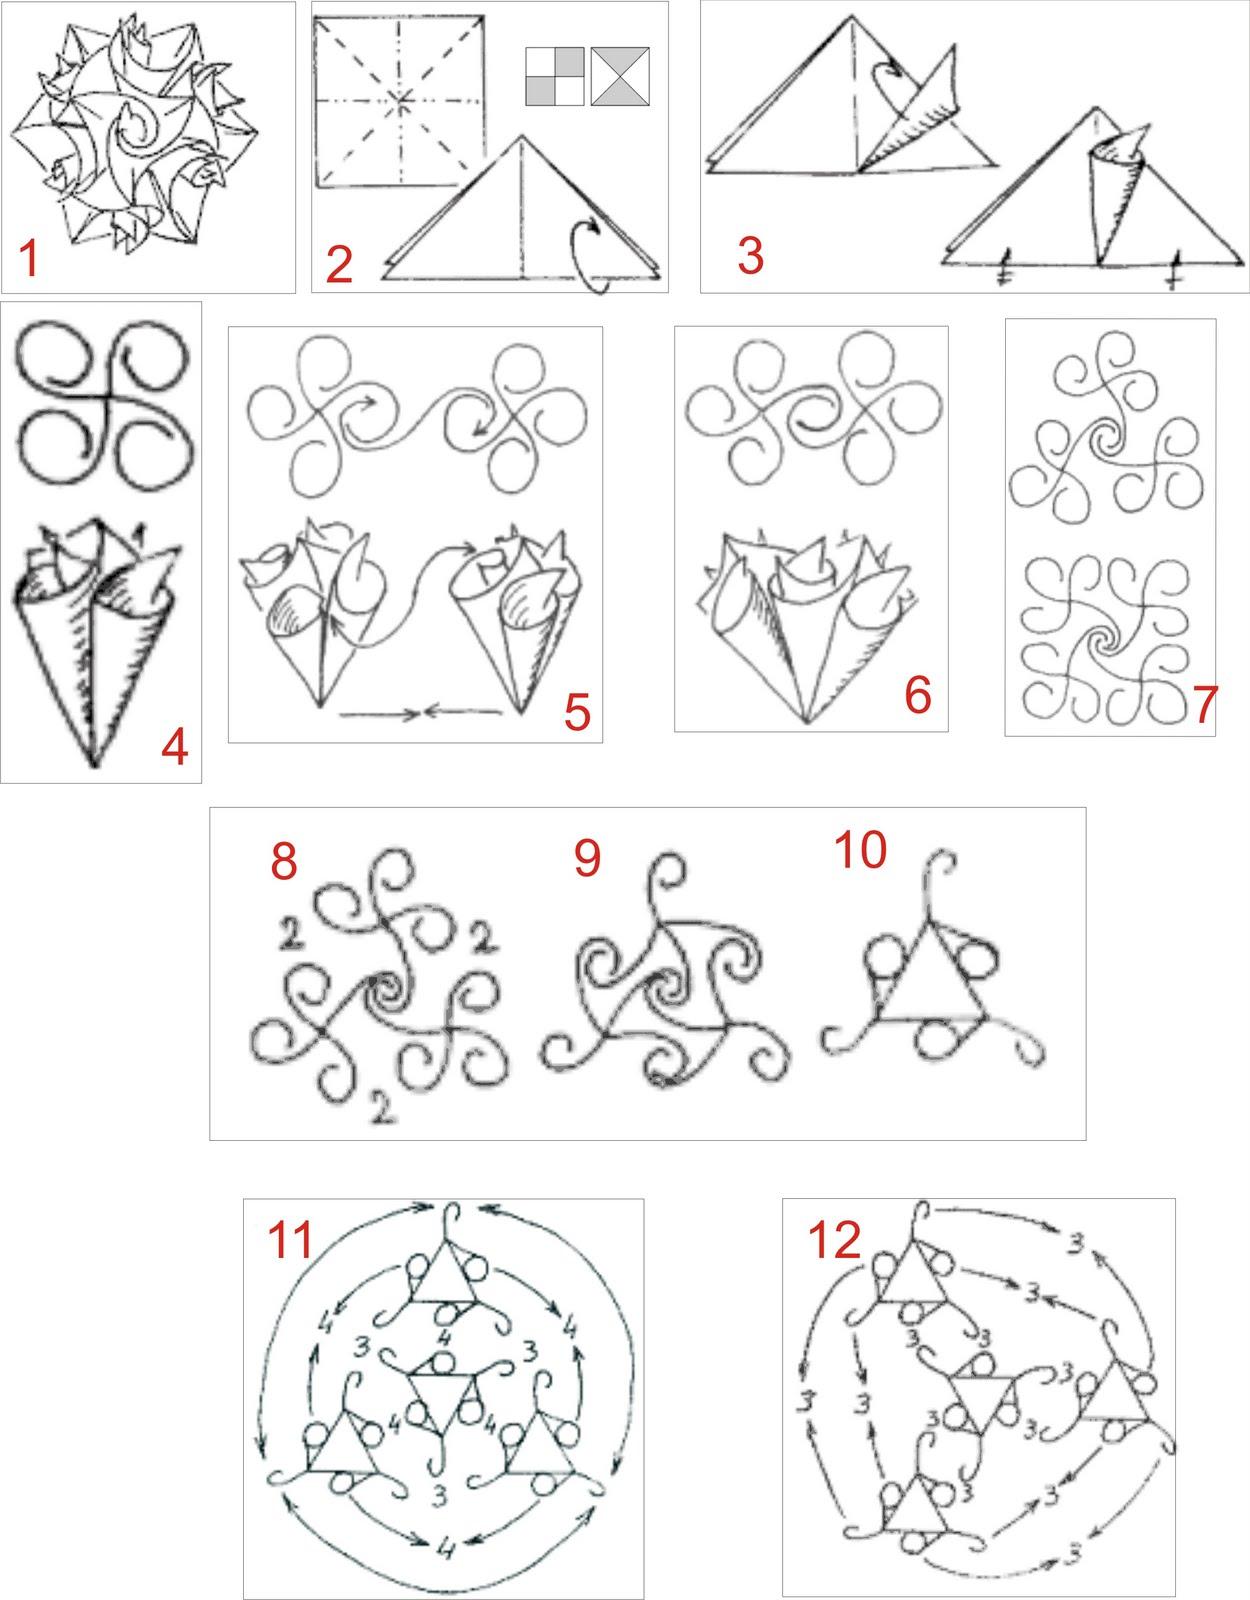 Wiring diagram pioneer avh p1400dvd images wiring diagram